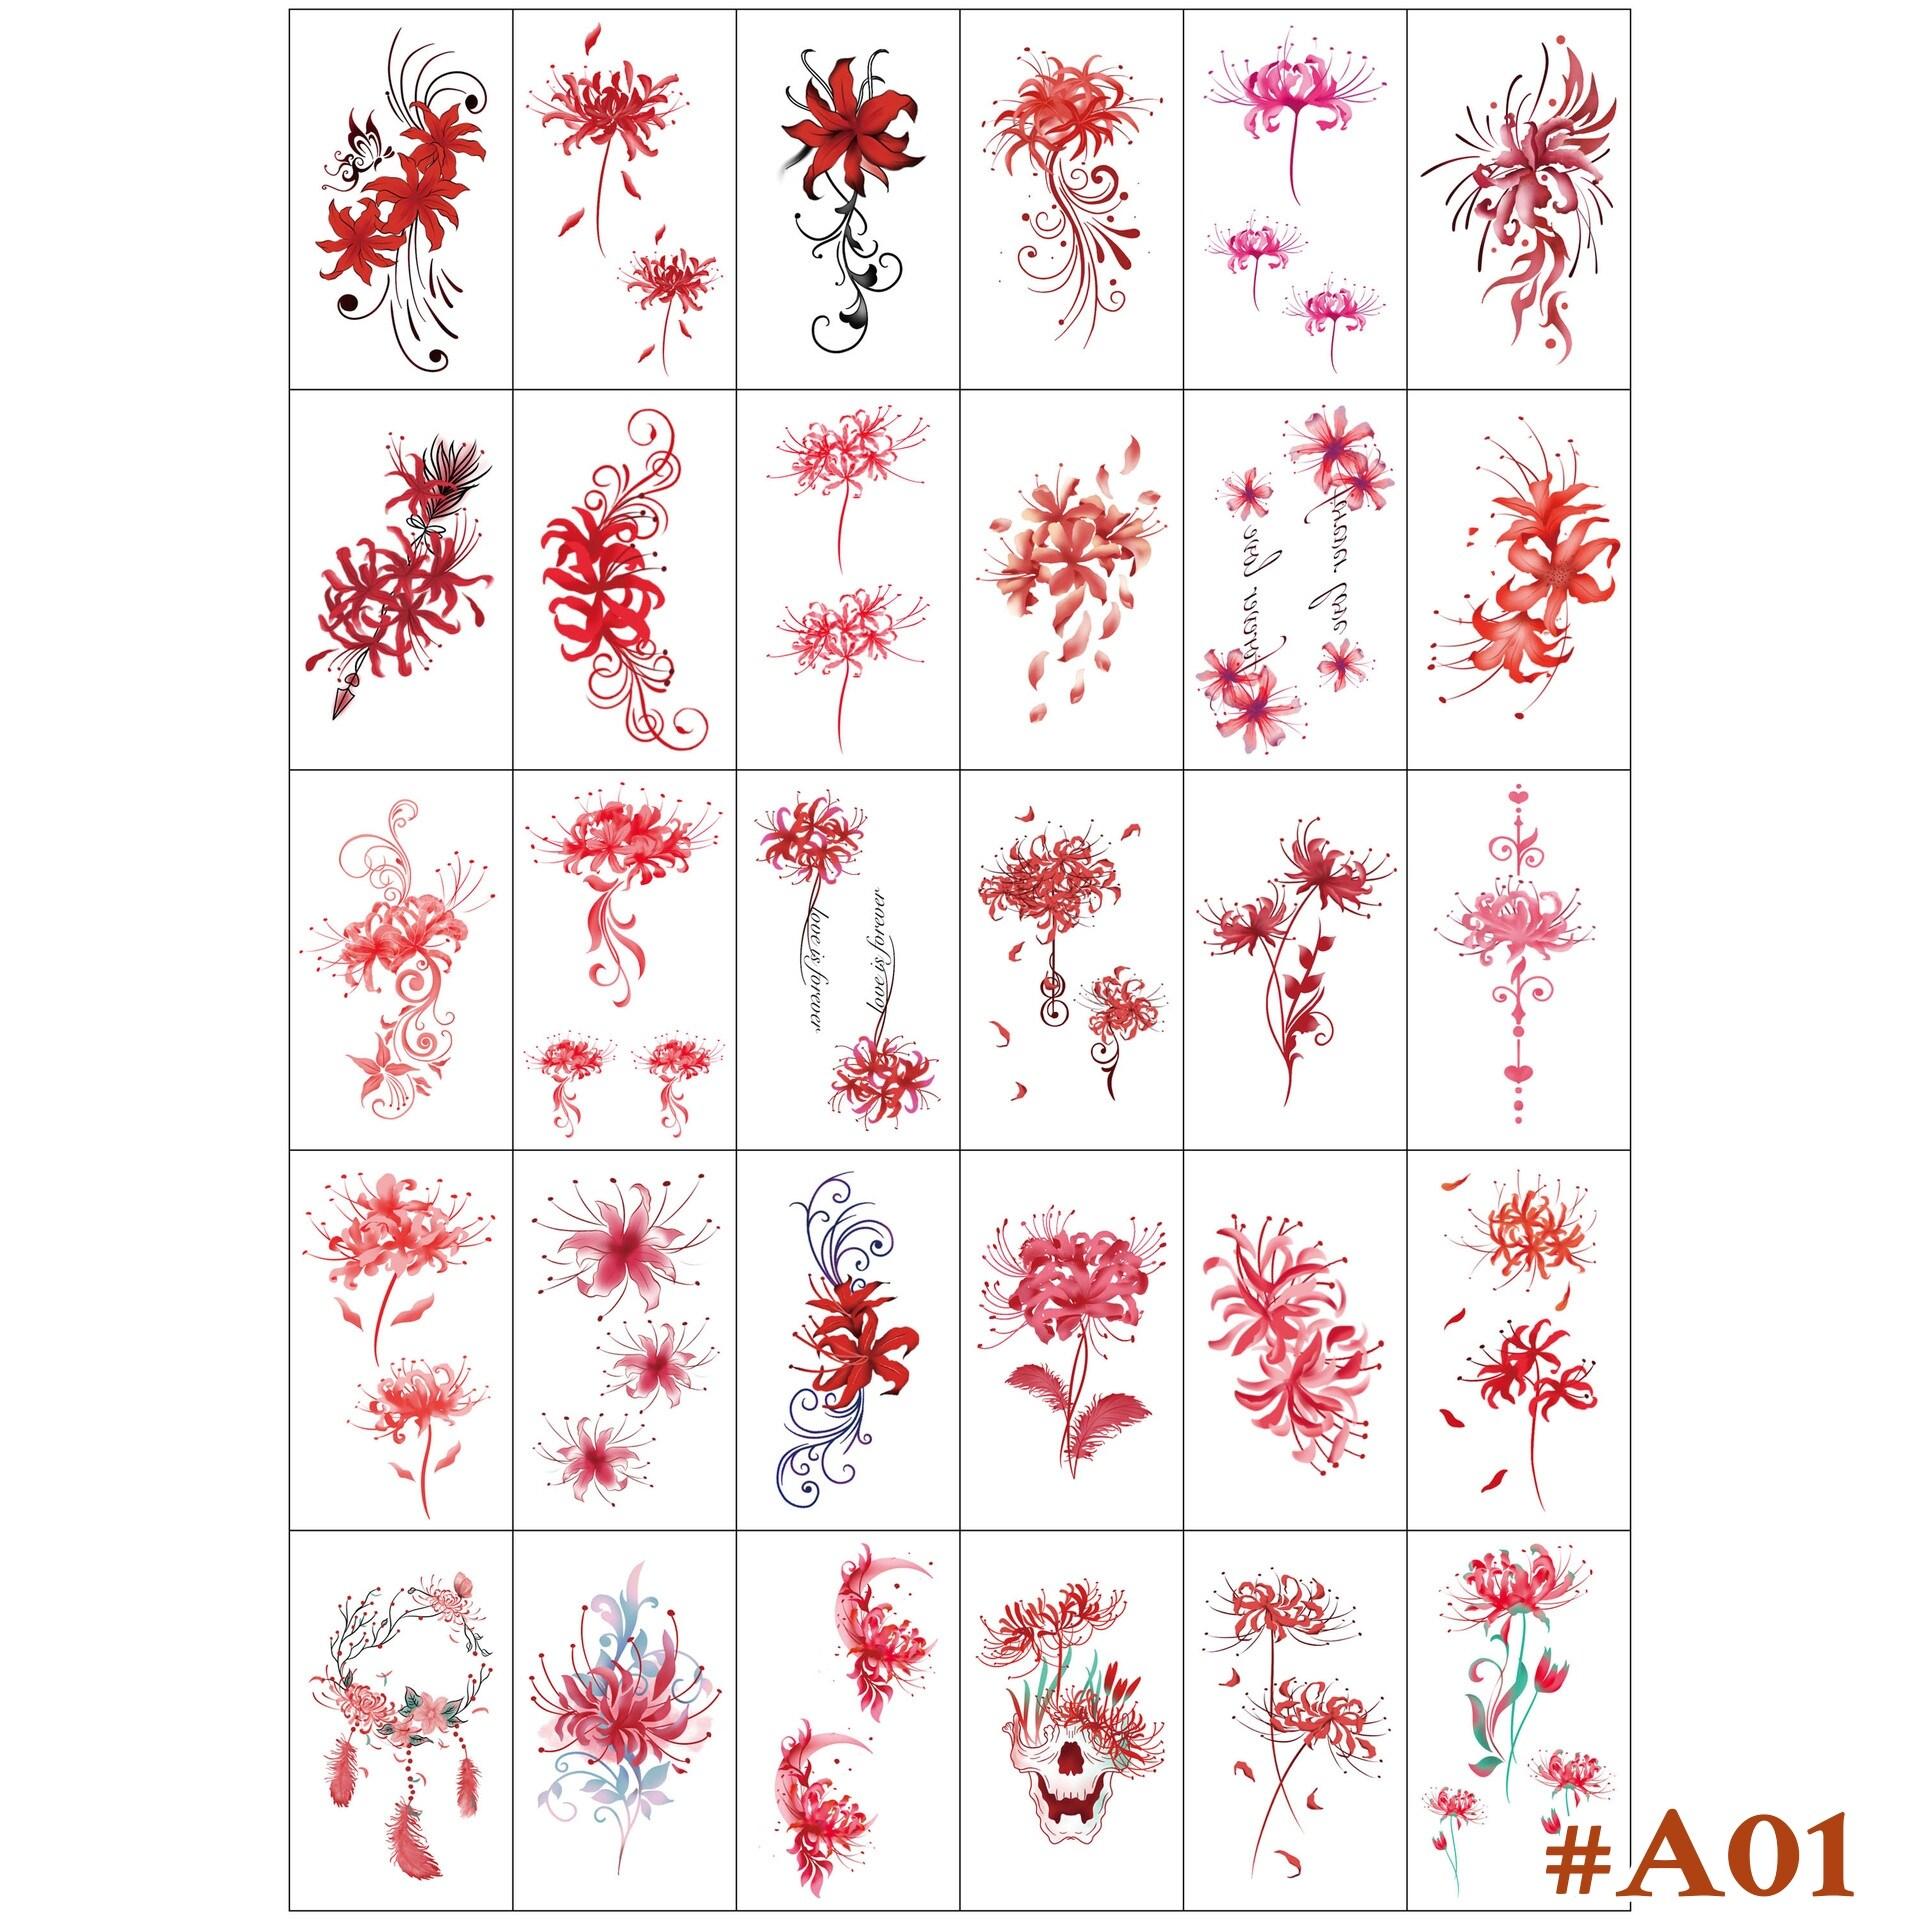 แทททูสติ๊กเกอร์ดอกไม้ สไตล์ซีรีส์จีน แทททู 1 ชุด ได้ 30 แผ่น 30 ลาย ลายสวย ติดทนนานสำหรับผู้หญิงและเด็ก พร้อมส่งในไทย/tattoo stickers/face sticker